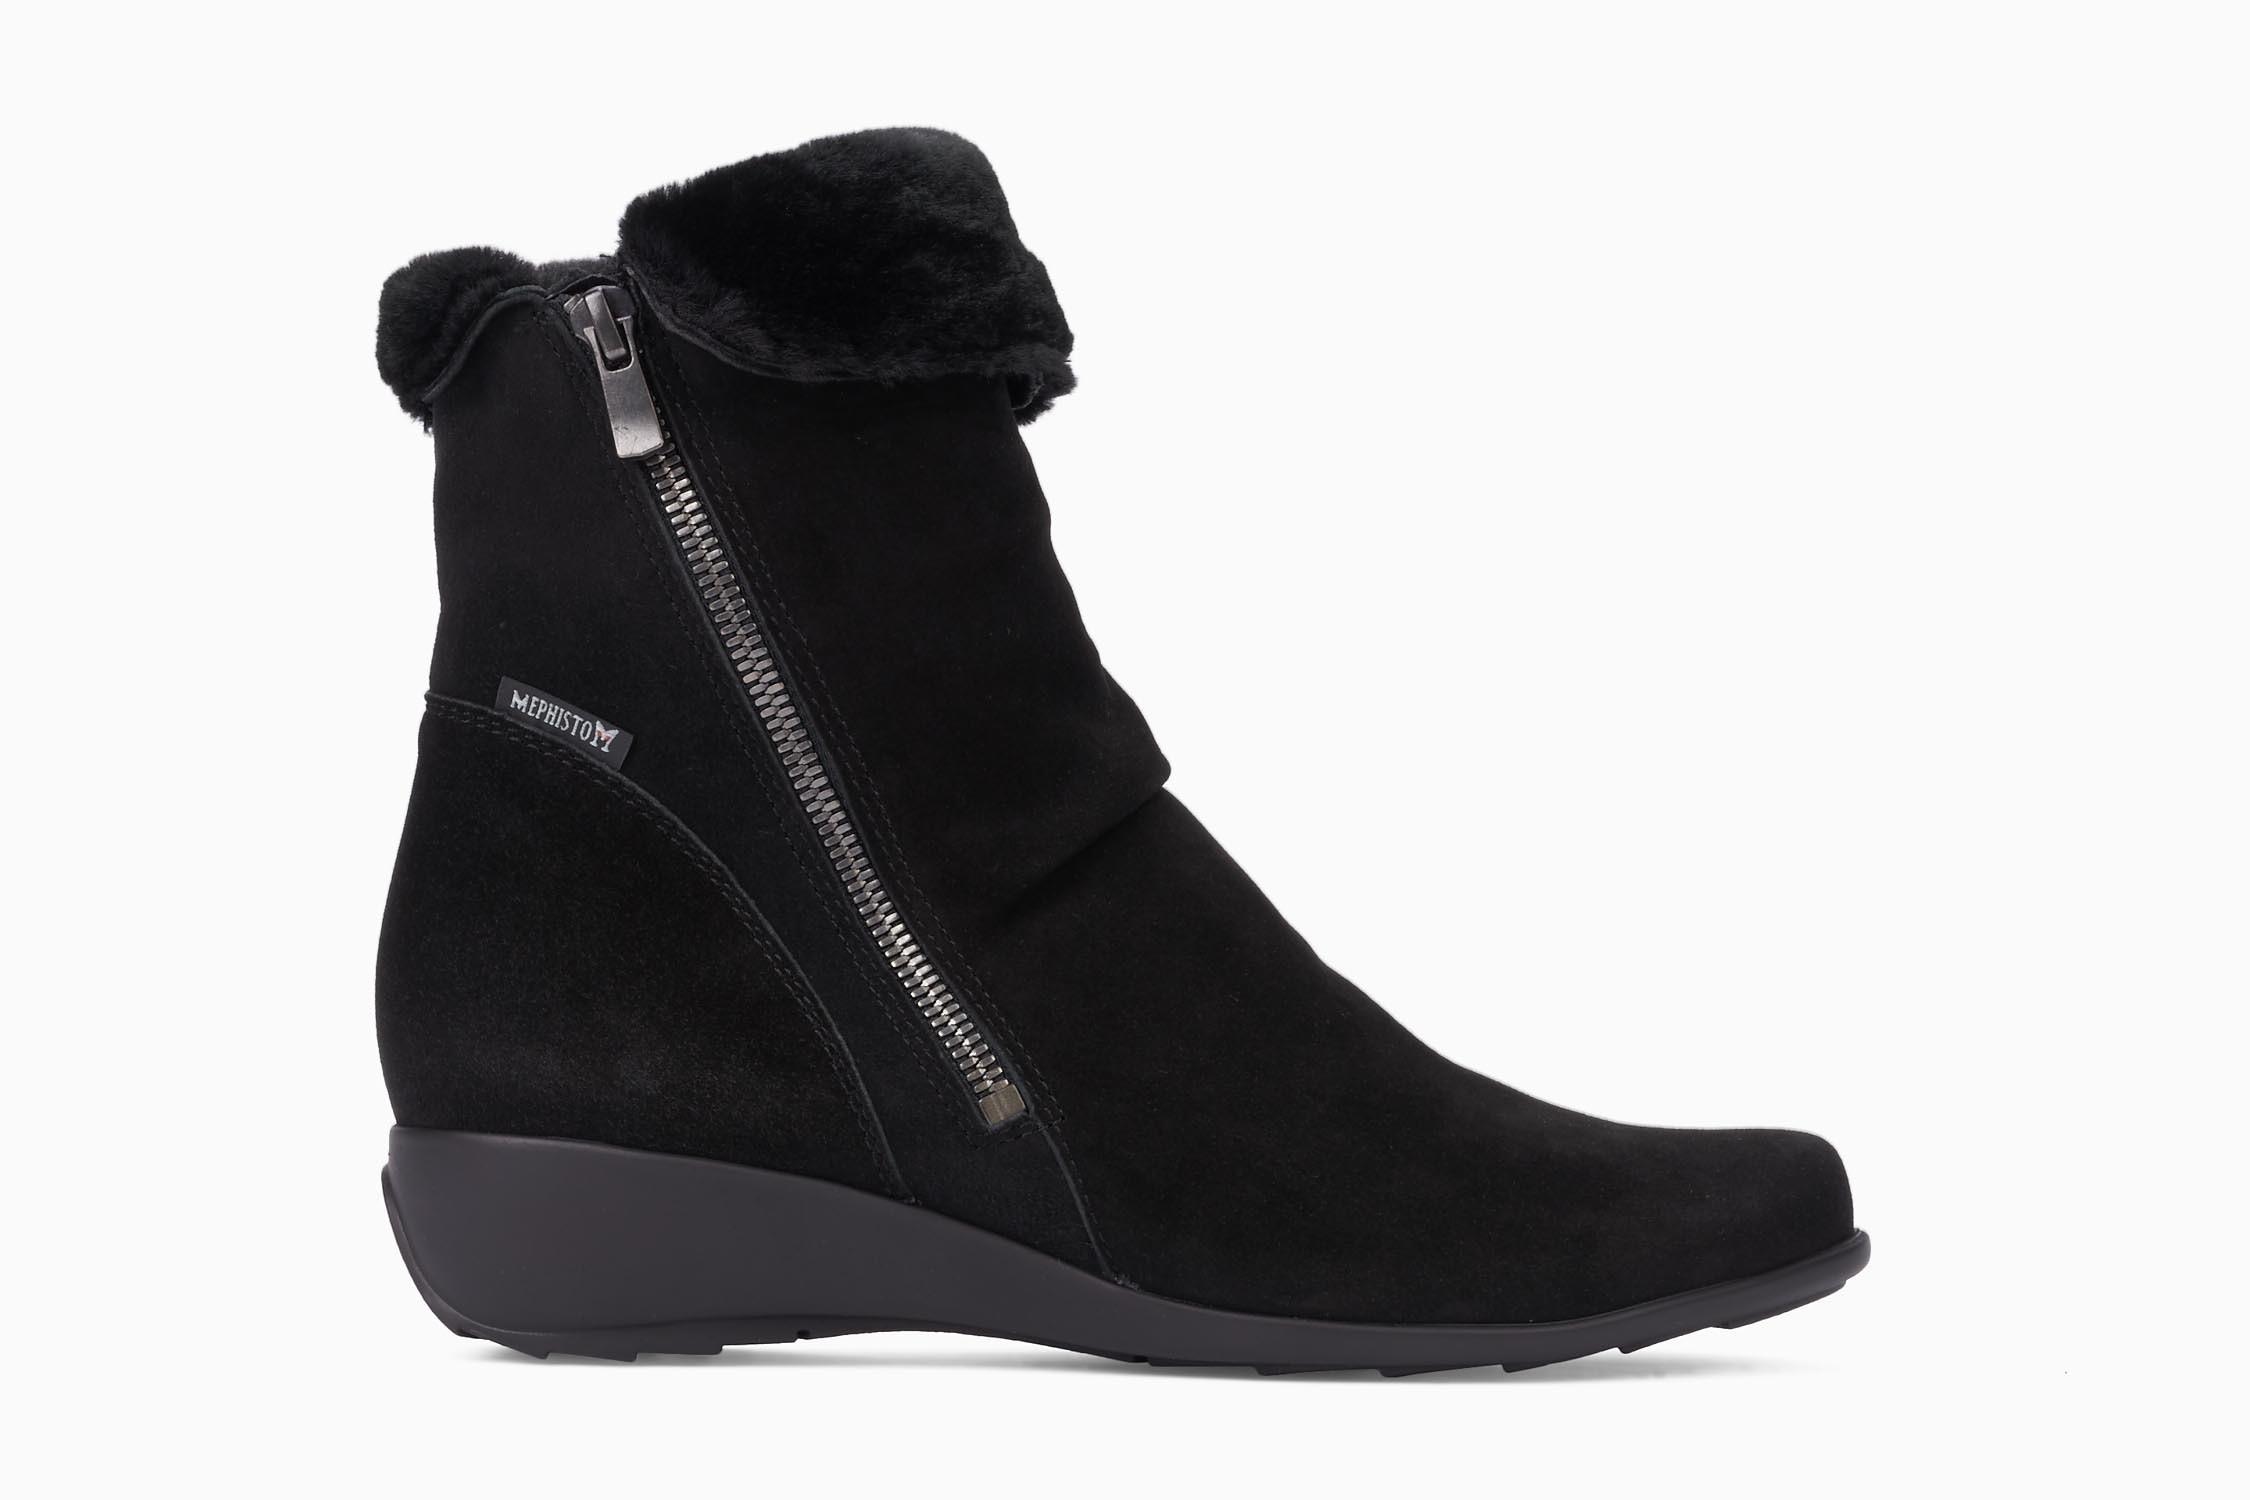 Seddy Shop Chaussures Confortables Mephisto Femme Modèle Bottines 6PYq6vwA